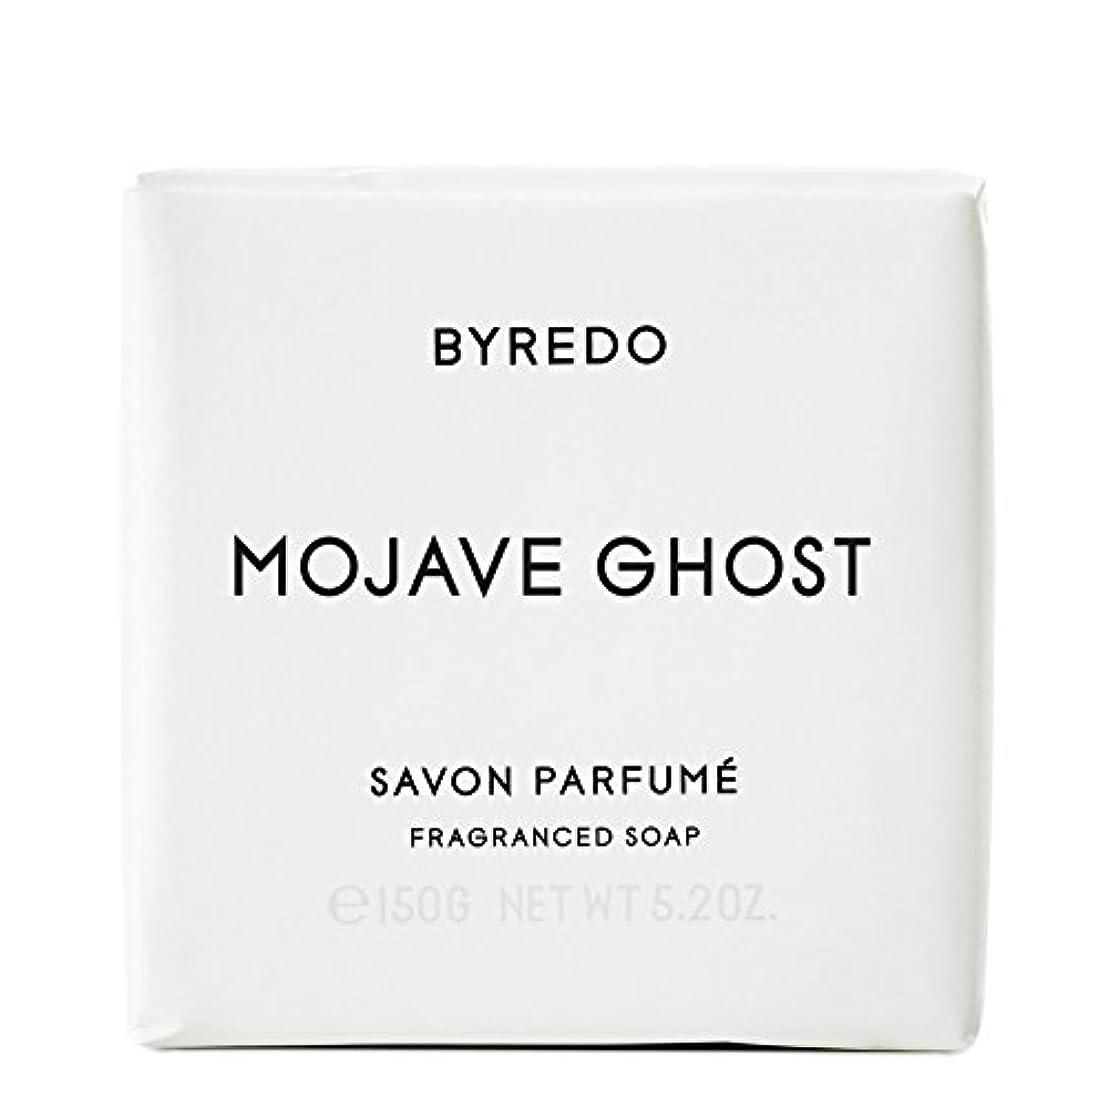 キャプチャーラメ庭園Byredo Mojave Ghost Soap 150g - モハーベゴースト石鹸150グラム [並行輸入品]